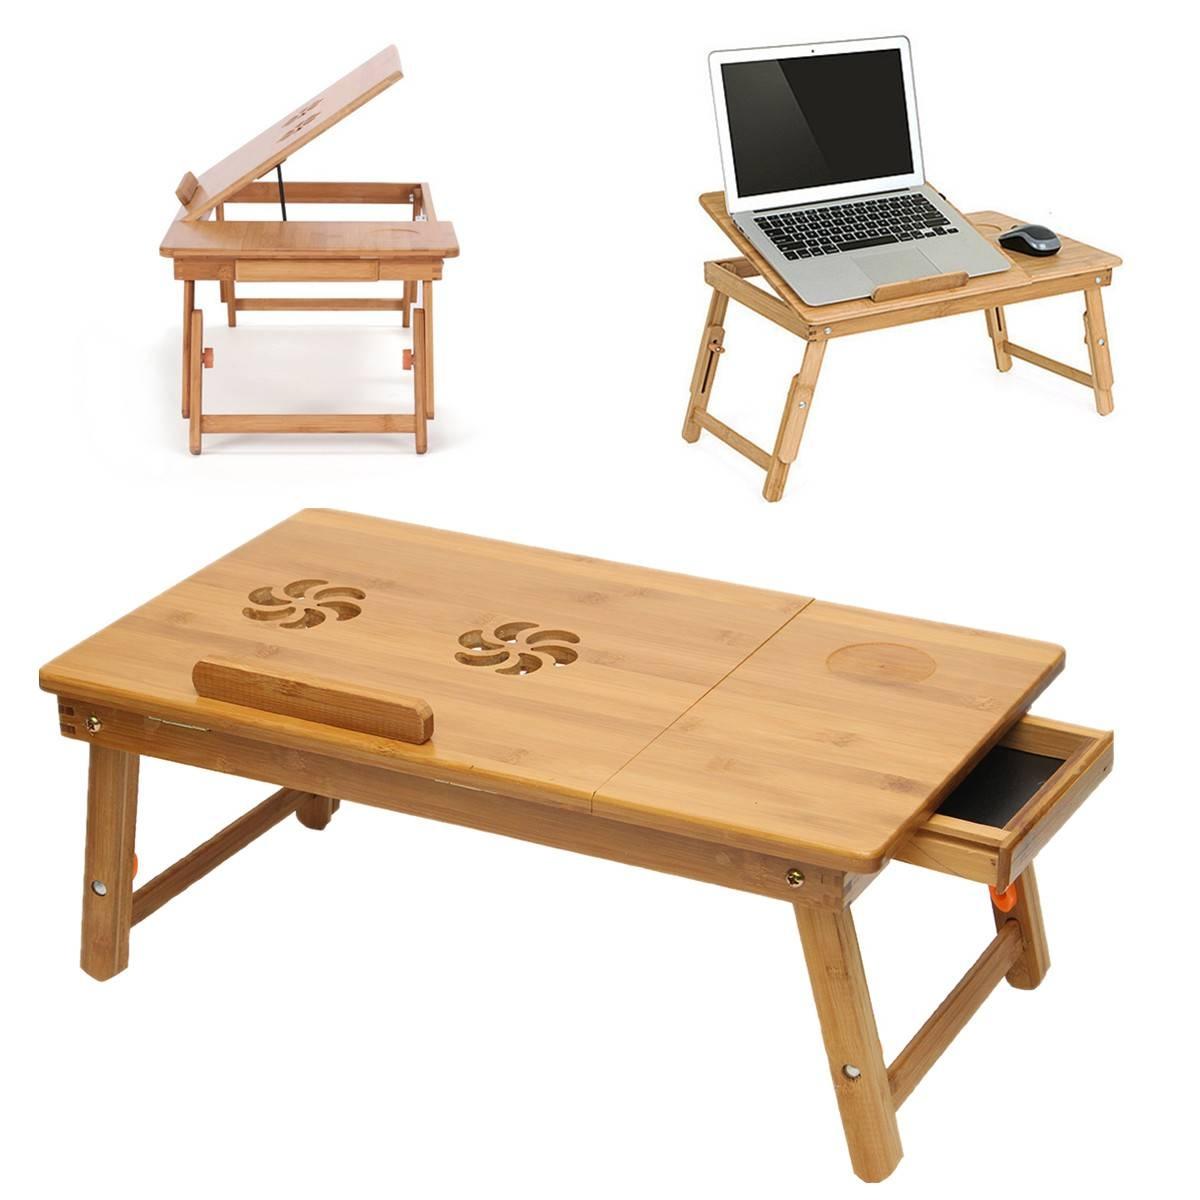 Bamboo Sofas 53 With Bamboo Sofas - Bible-Saitama for Bambo Sofas (Image 15 of 30)